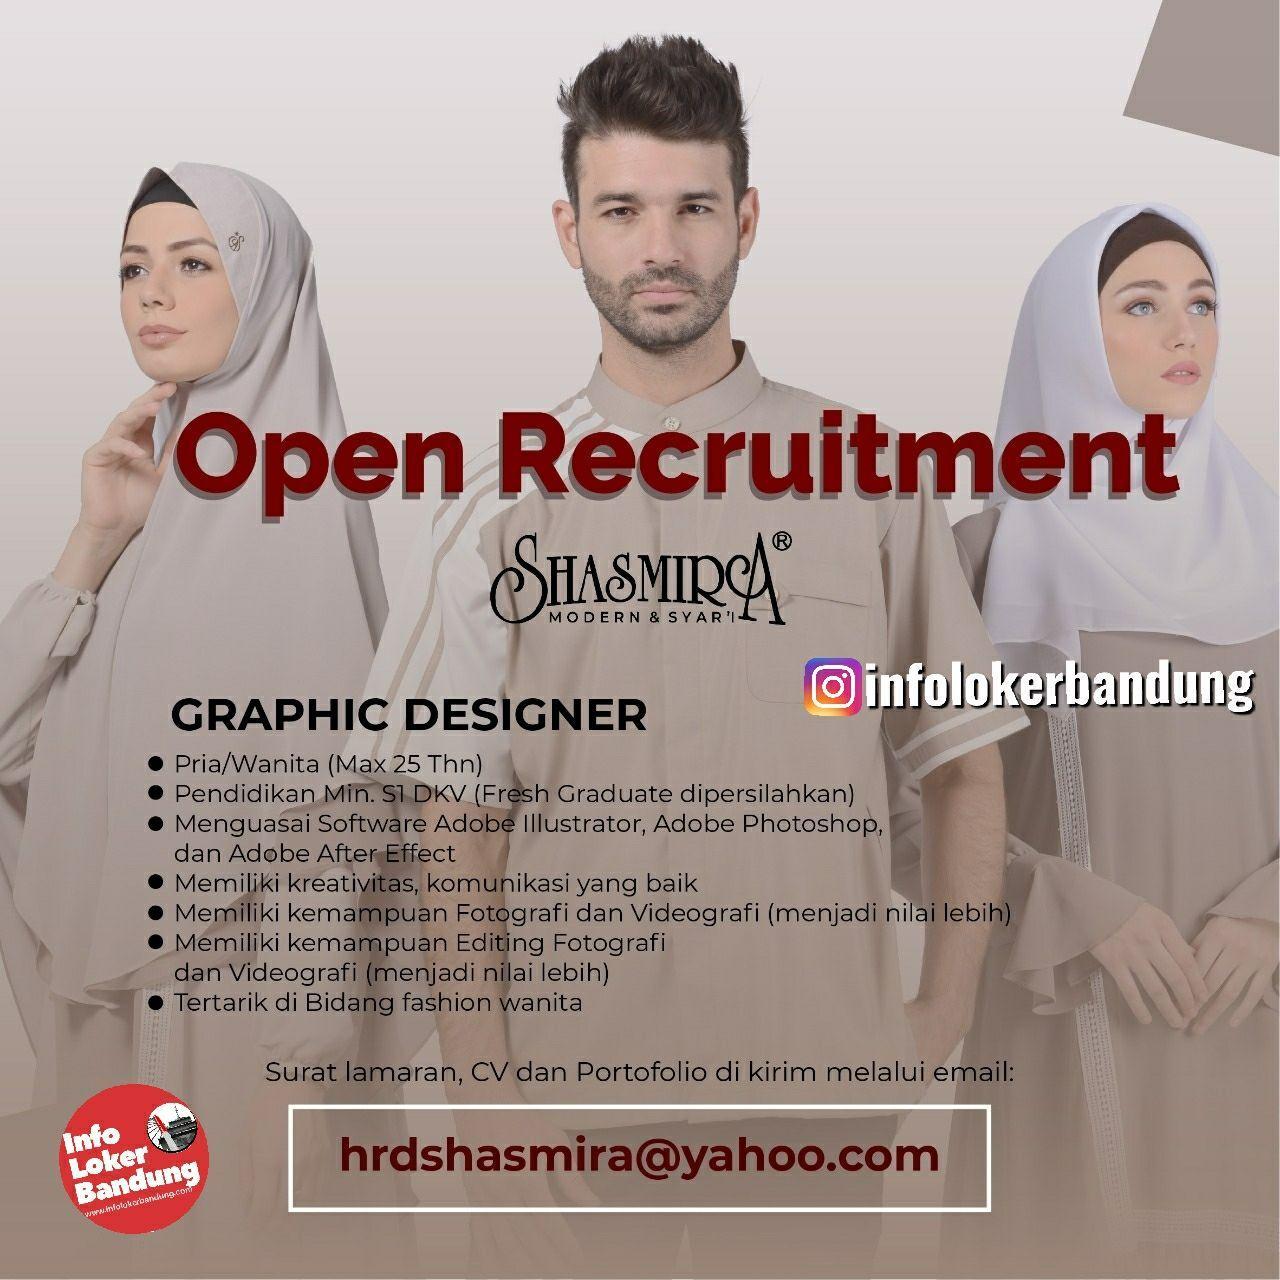 Lowongan Kerja Graphic Designer Shasmira Bandung Februari 2020